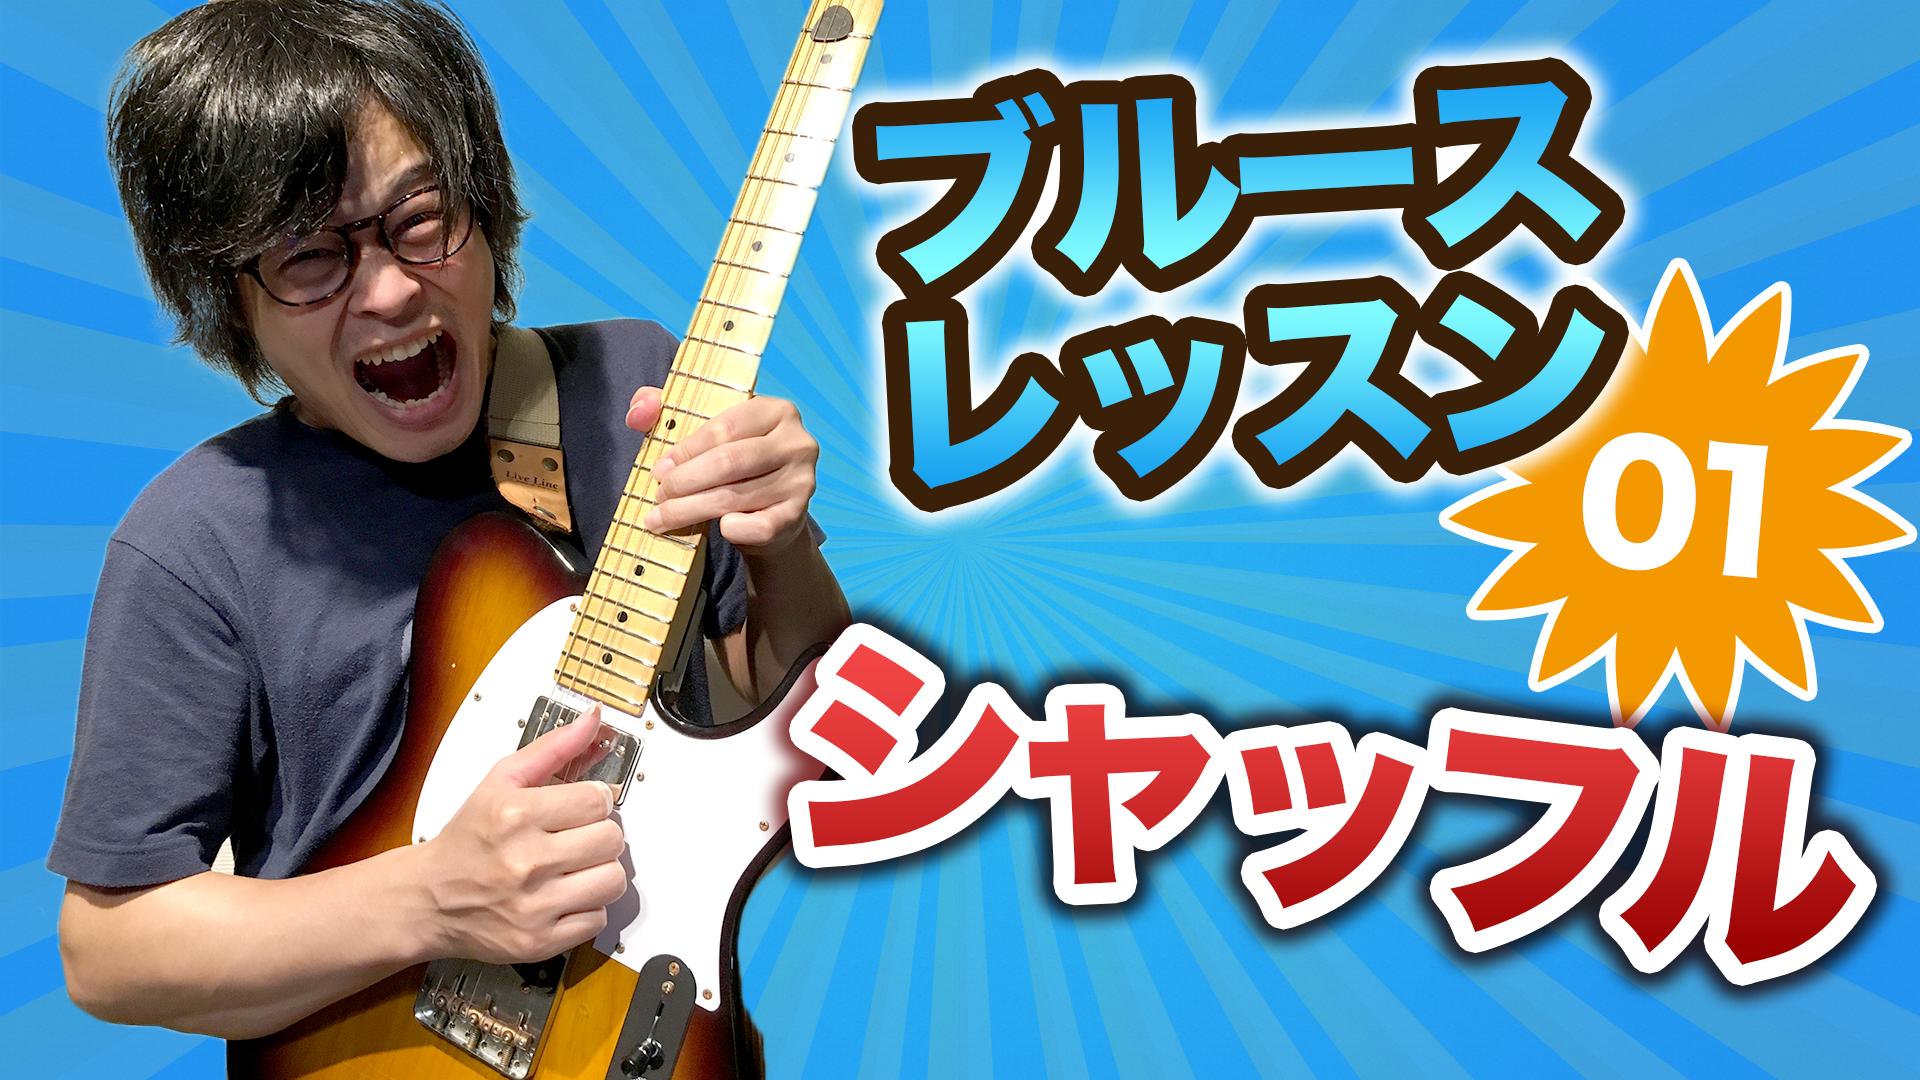 ブルースギター講座#1『シャッフルビートを身に付けよう』